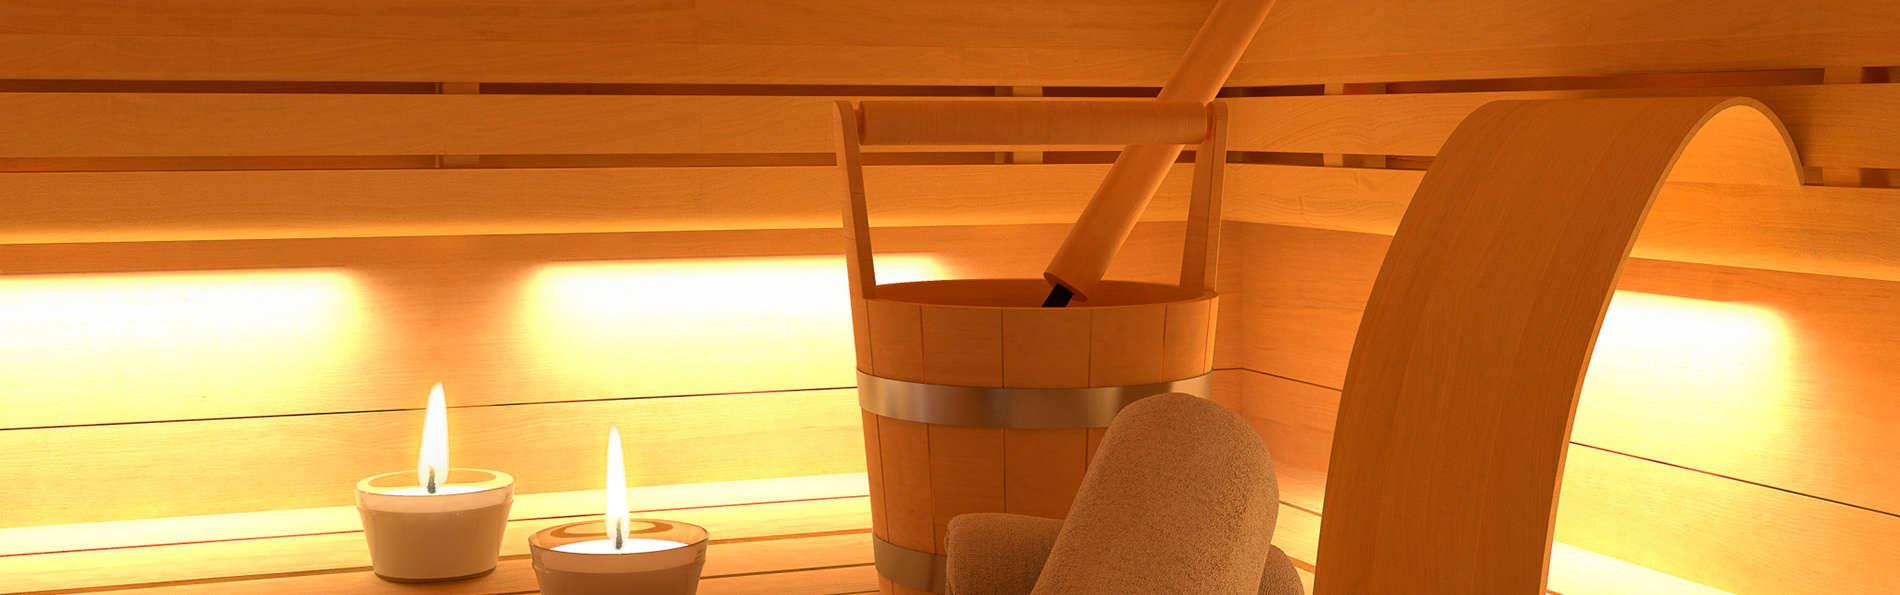 Hôtel Carlton   - EDIT_sauna.jpg